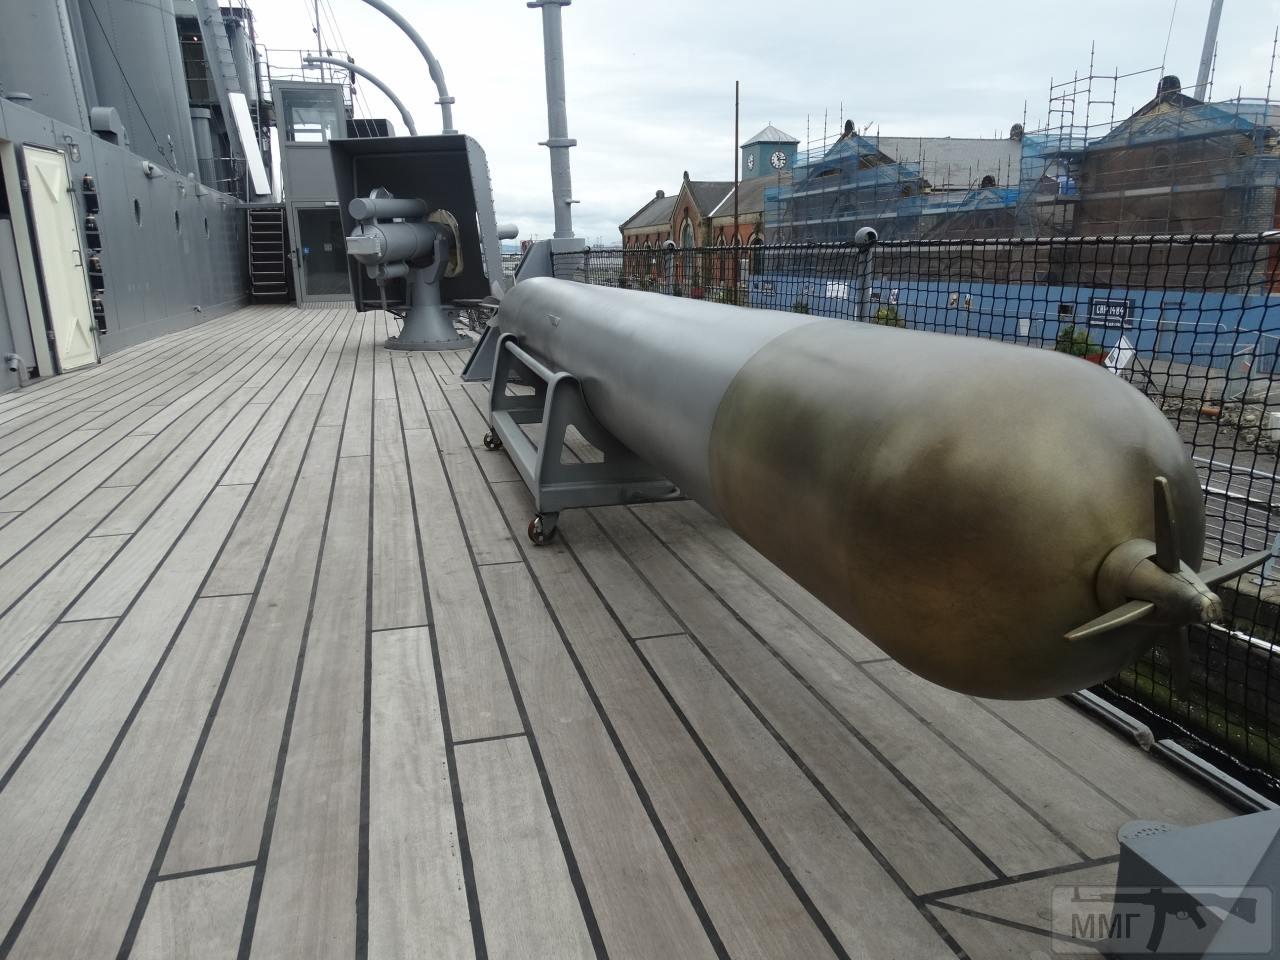 29533 - Броненосцы, дредноуты, линкоры и крейсера Британии